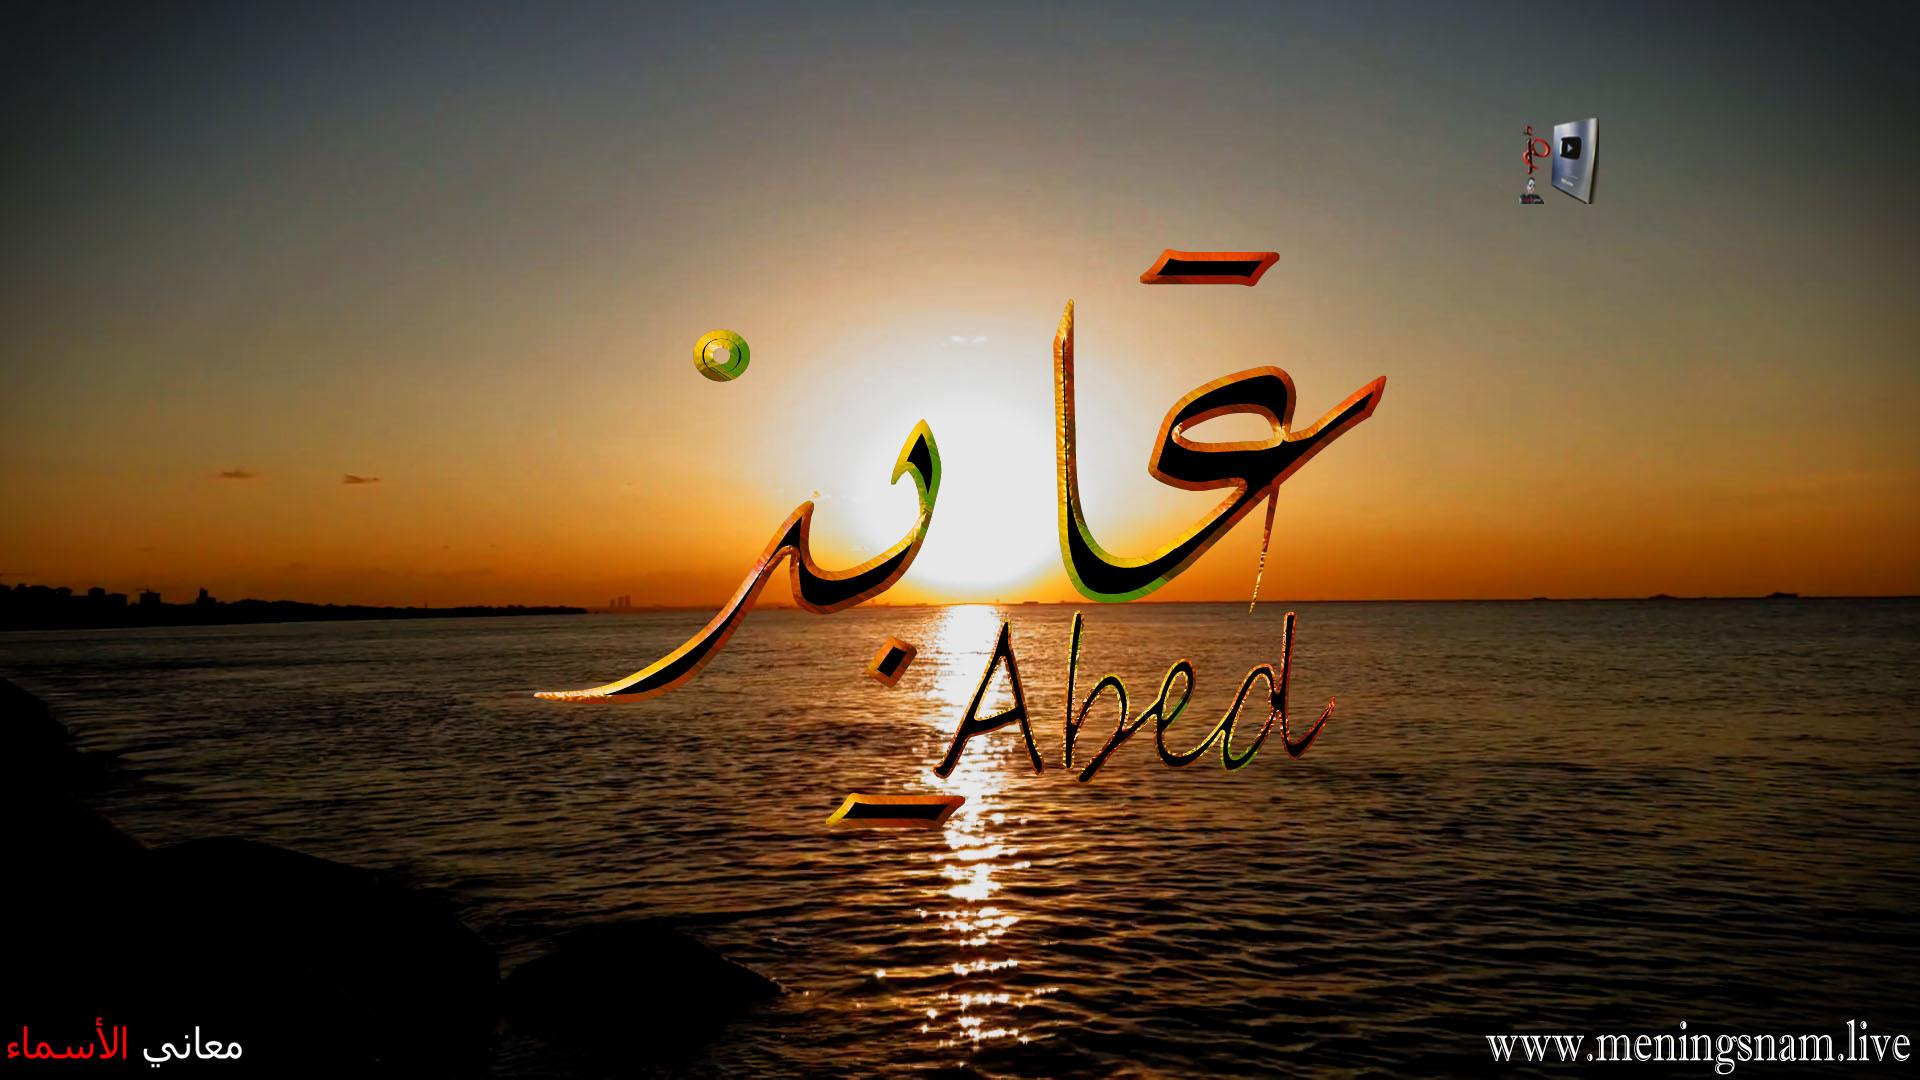 معنى اسم عابد وصفات حامل هذا الاسم Abed معاني الأسماء ومعاني الكلمات وتفسير القرآن الكريم